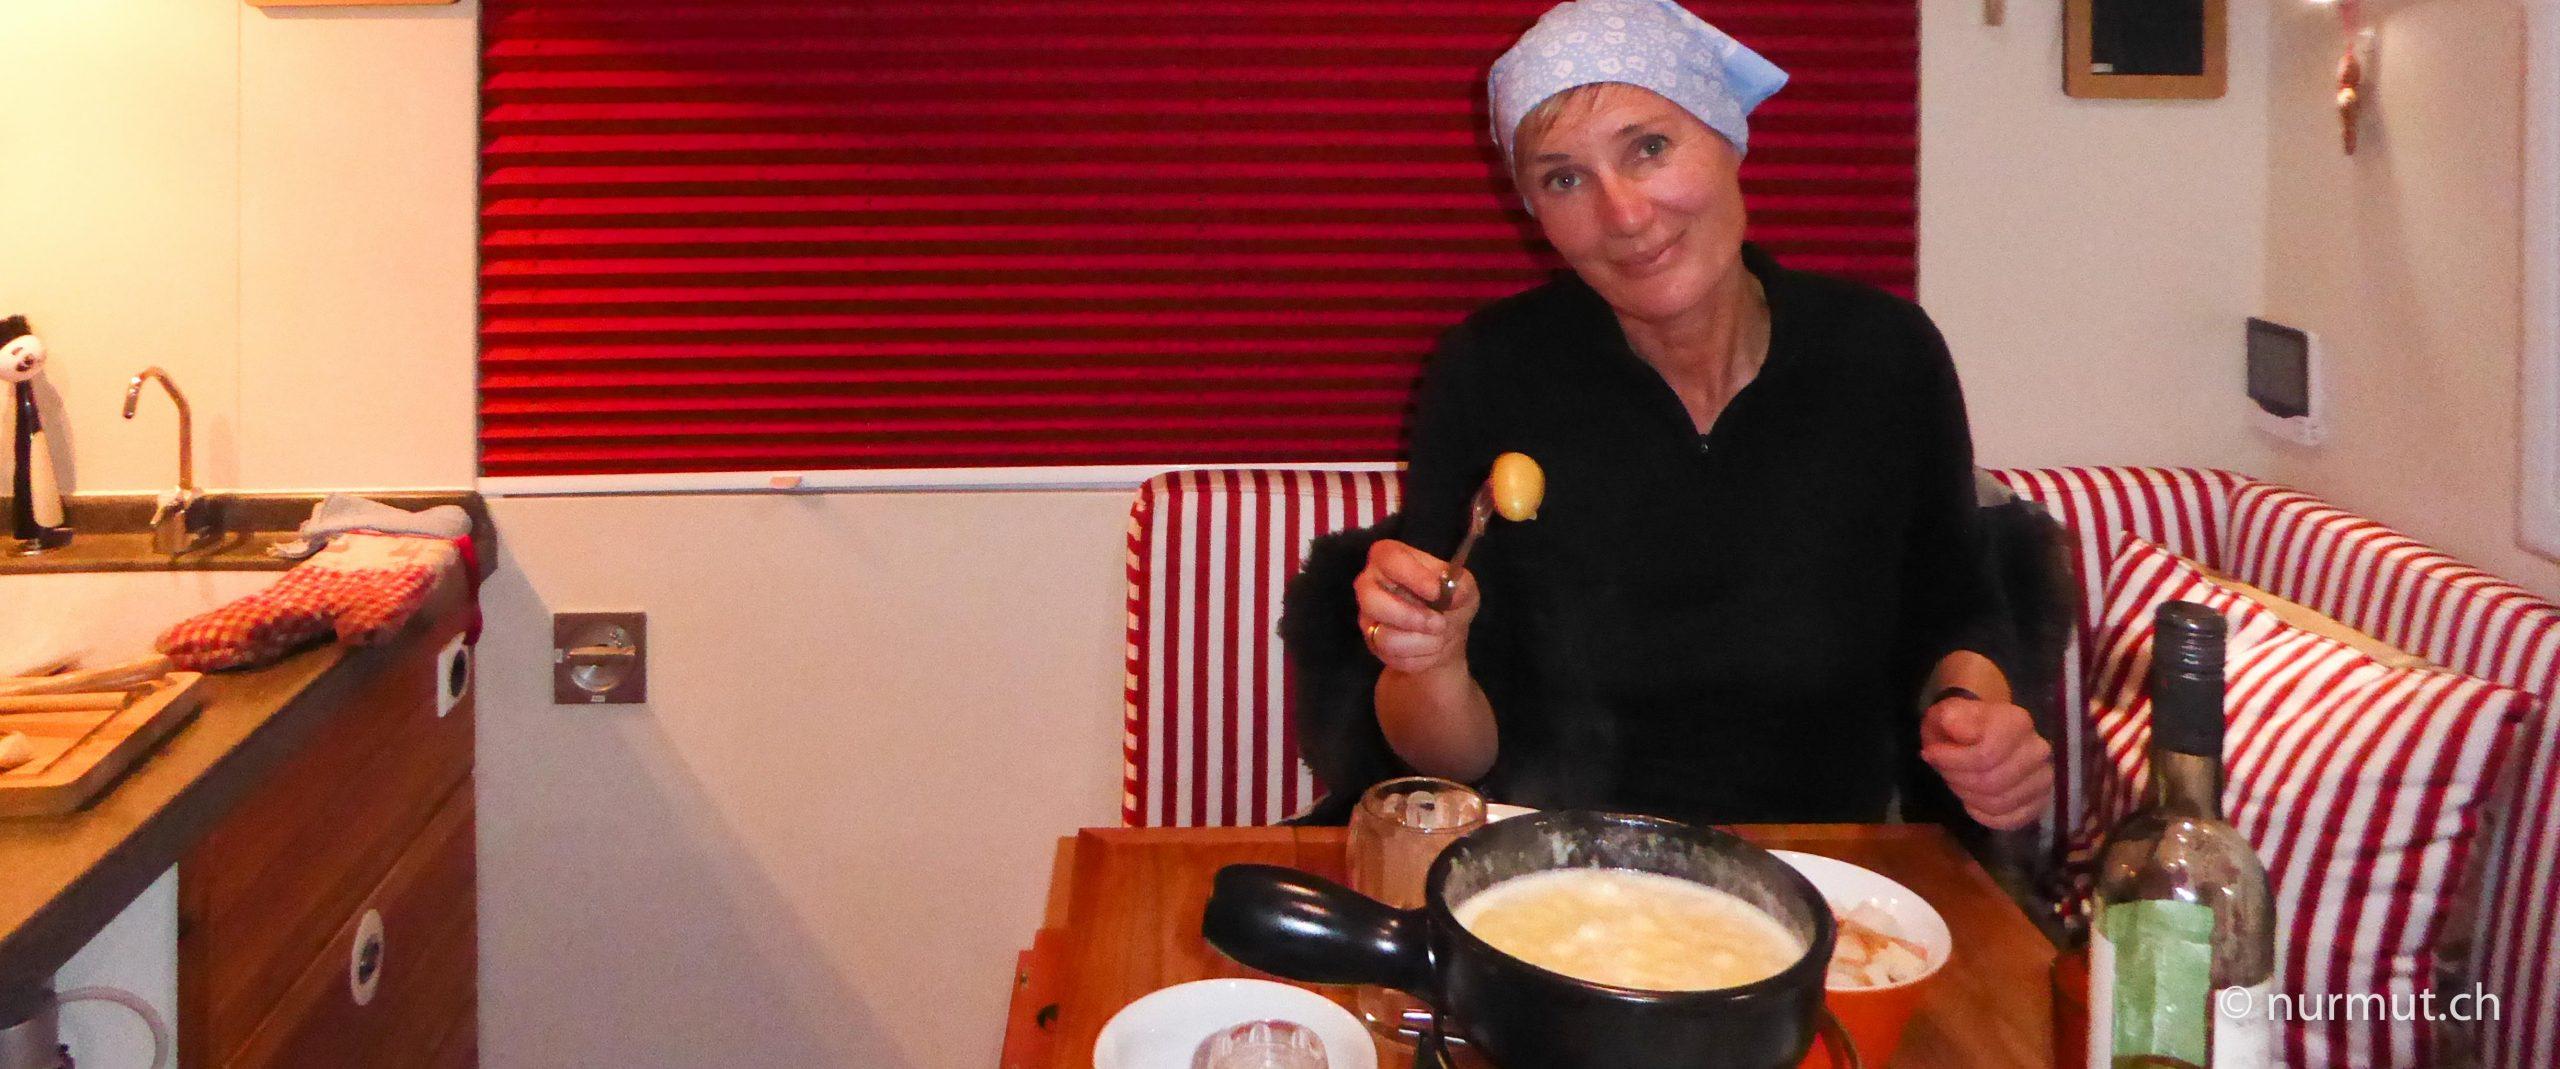 sind-reisen-in-einem-LKW-nachhaltig-fondue-expeditiosmobil